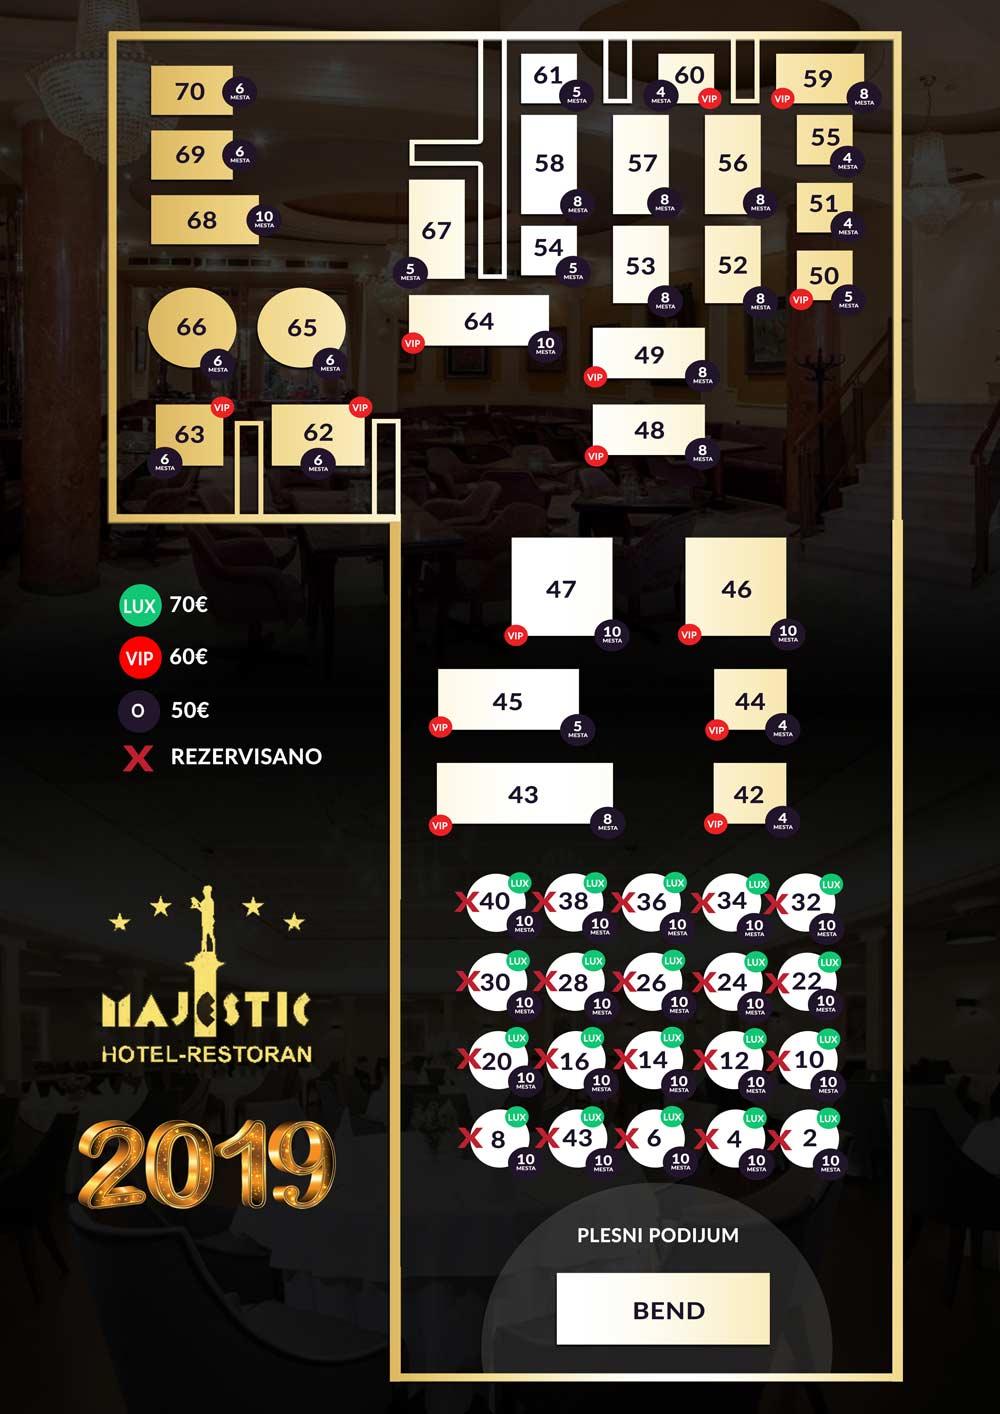 hotel majestic nova godina mapa